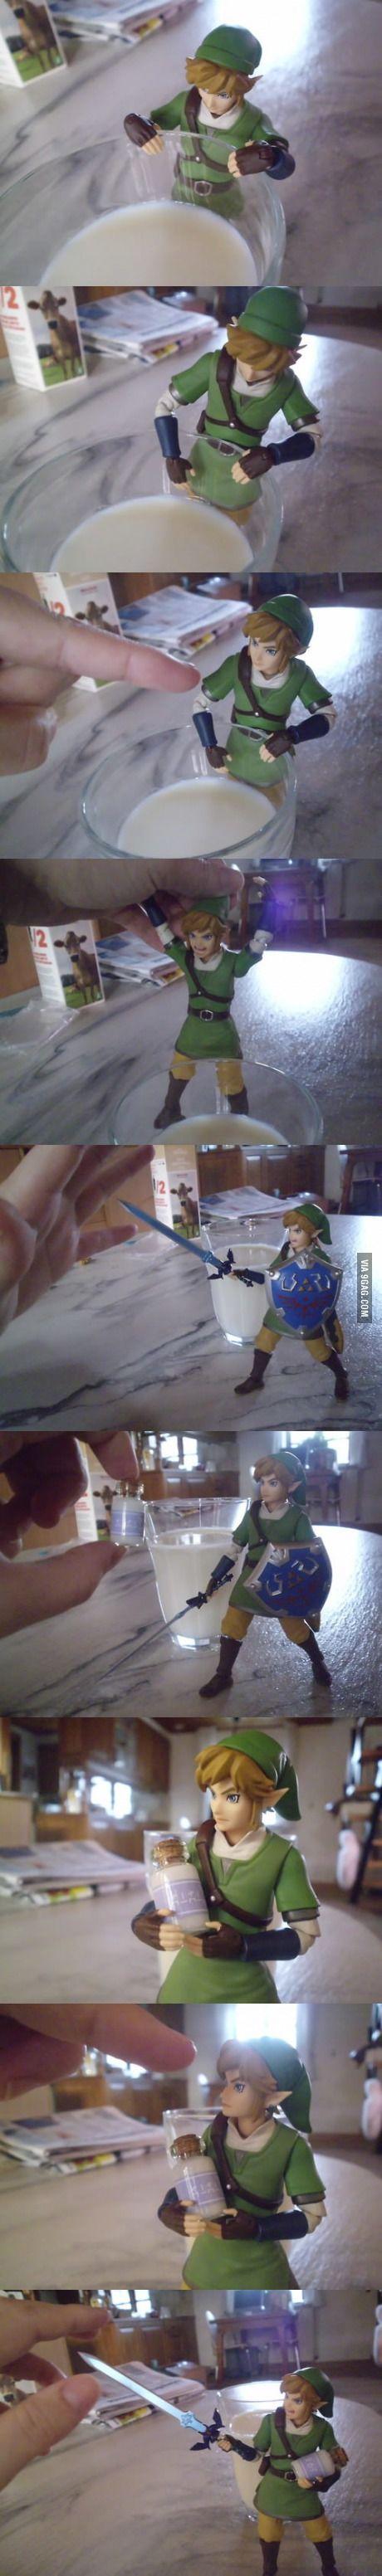 Bad Link!